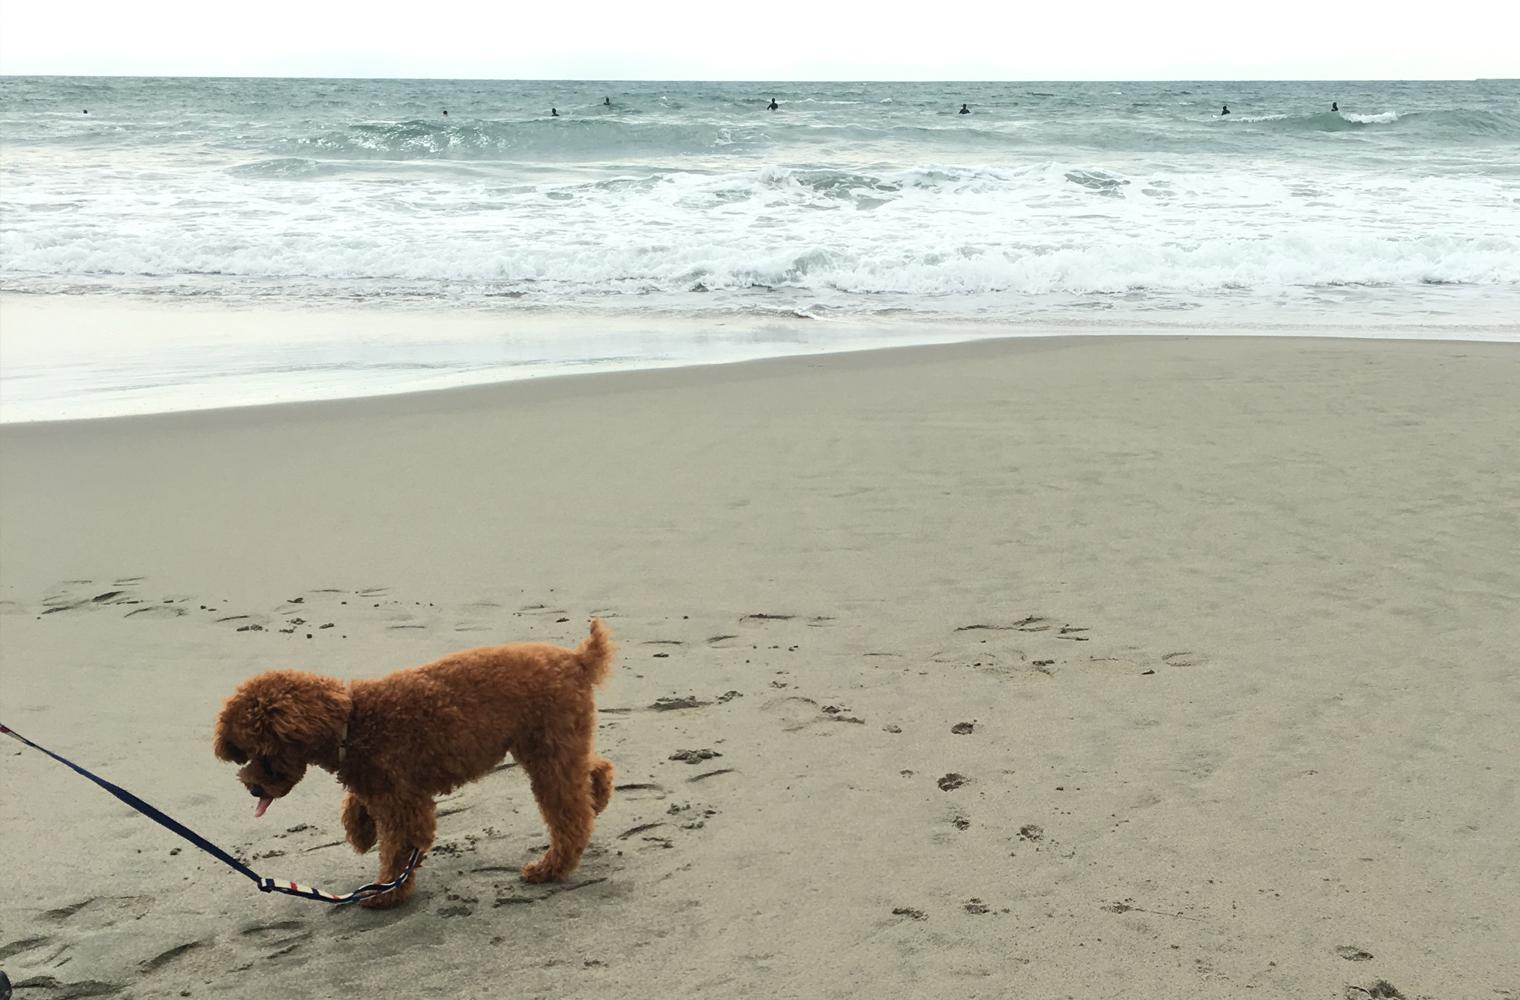 さがらシーサイドパーク・相良サンビーチ(相良海岸)でお散歩(牧之原市)